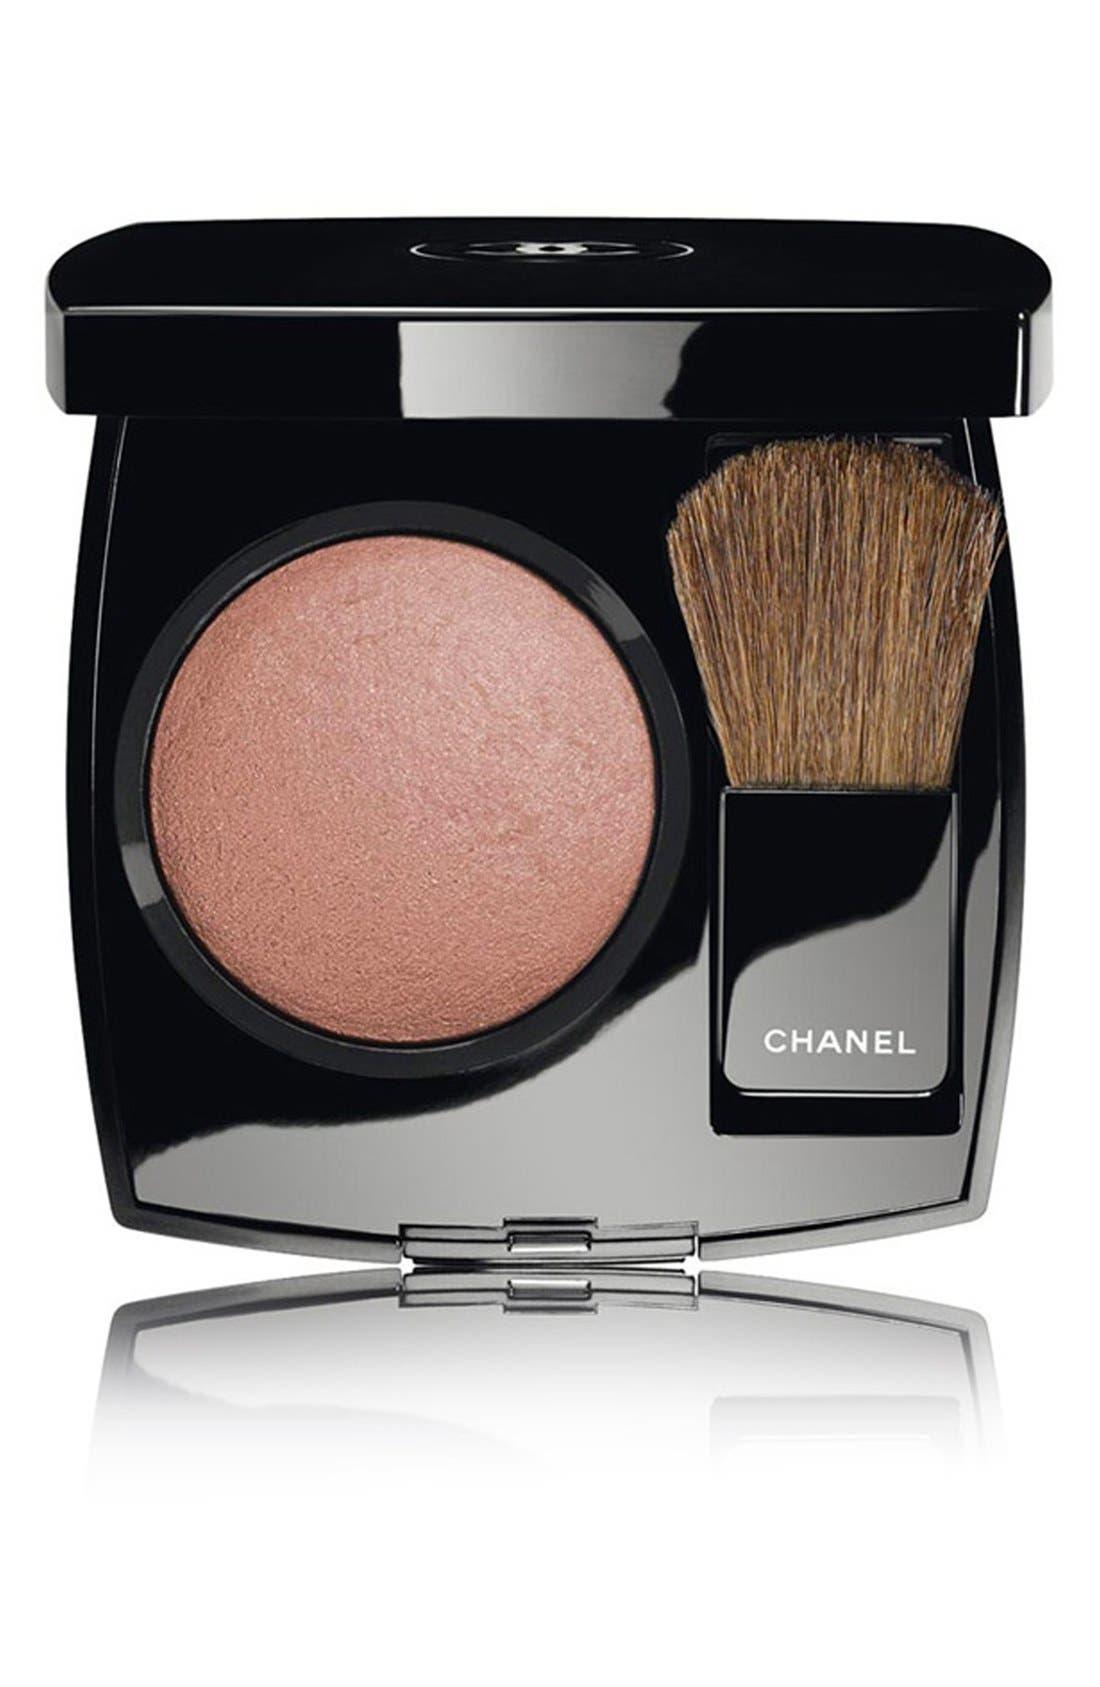 CHANEL JOUES CONTRASTE<br />Powder Blush, Main, color, 280 GOLDEN SUN